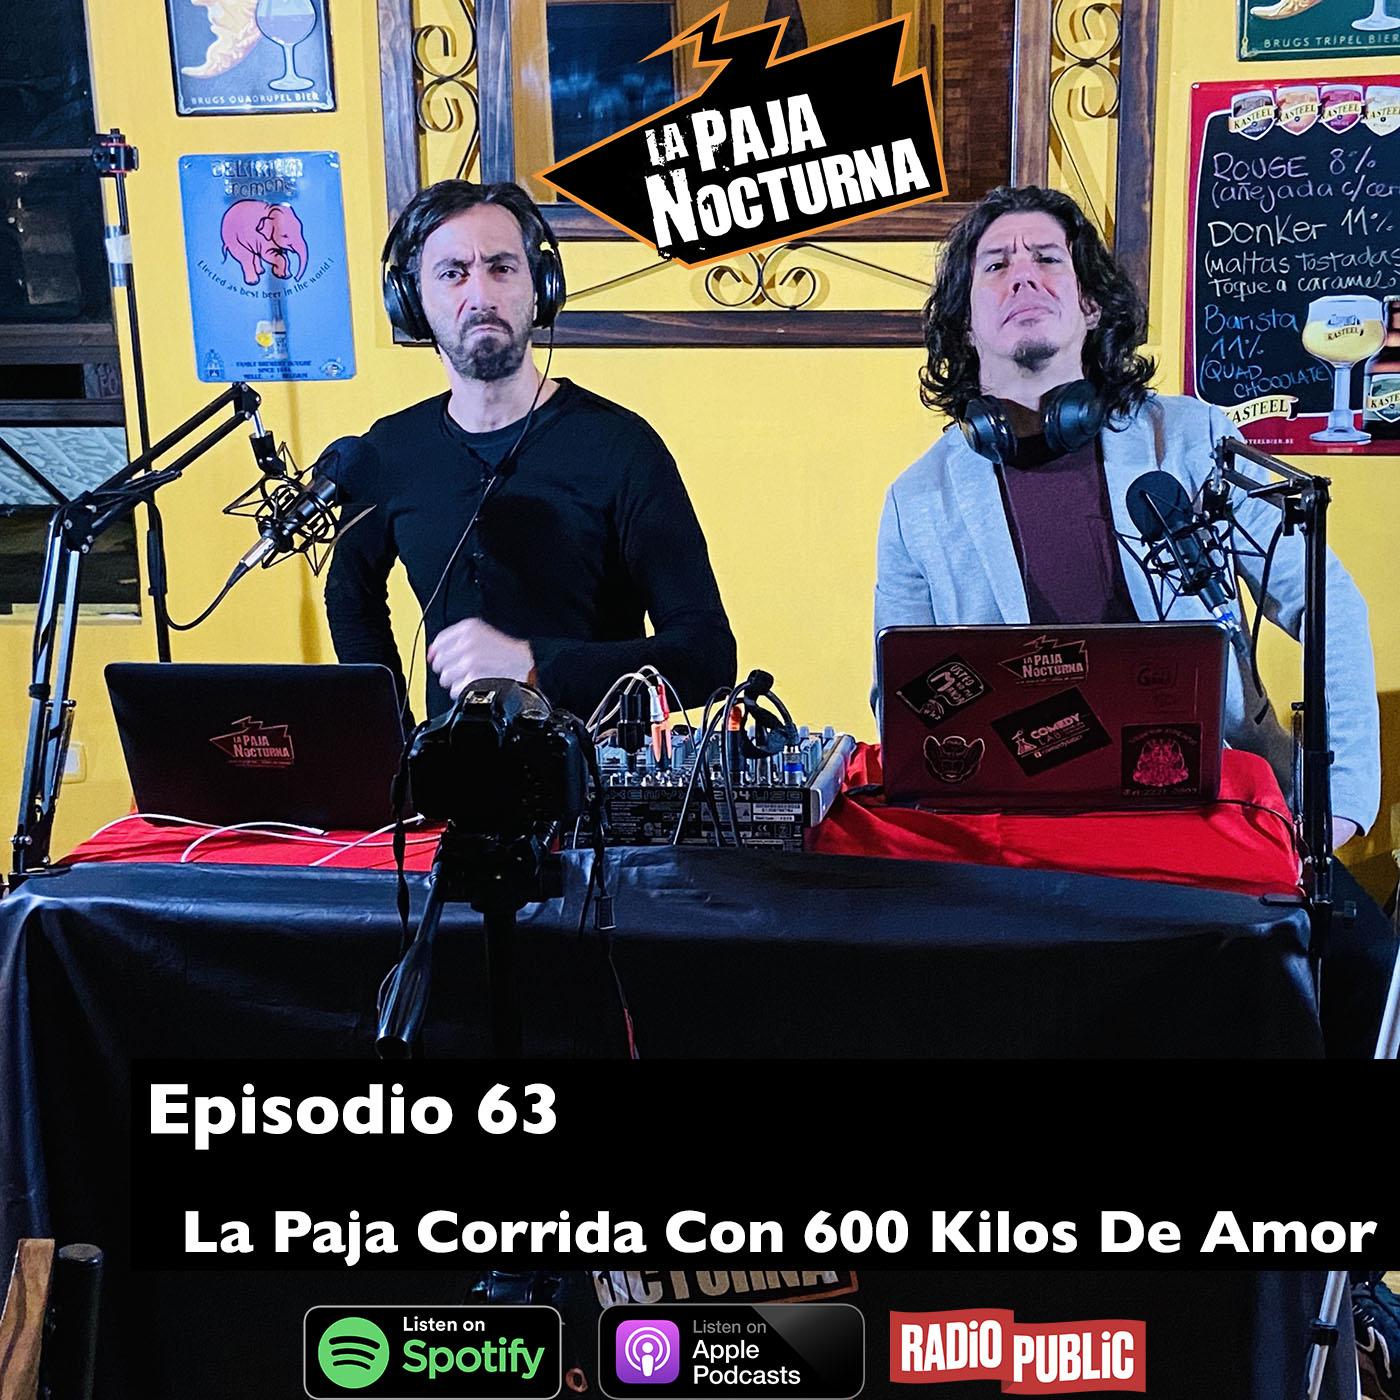 La paja nocturna podcast Episodio 63